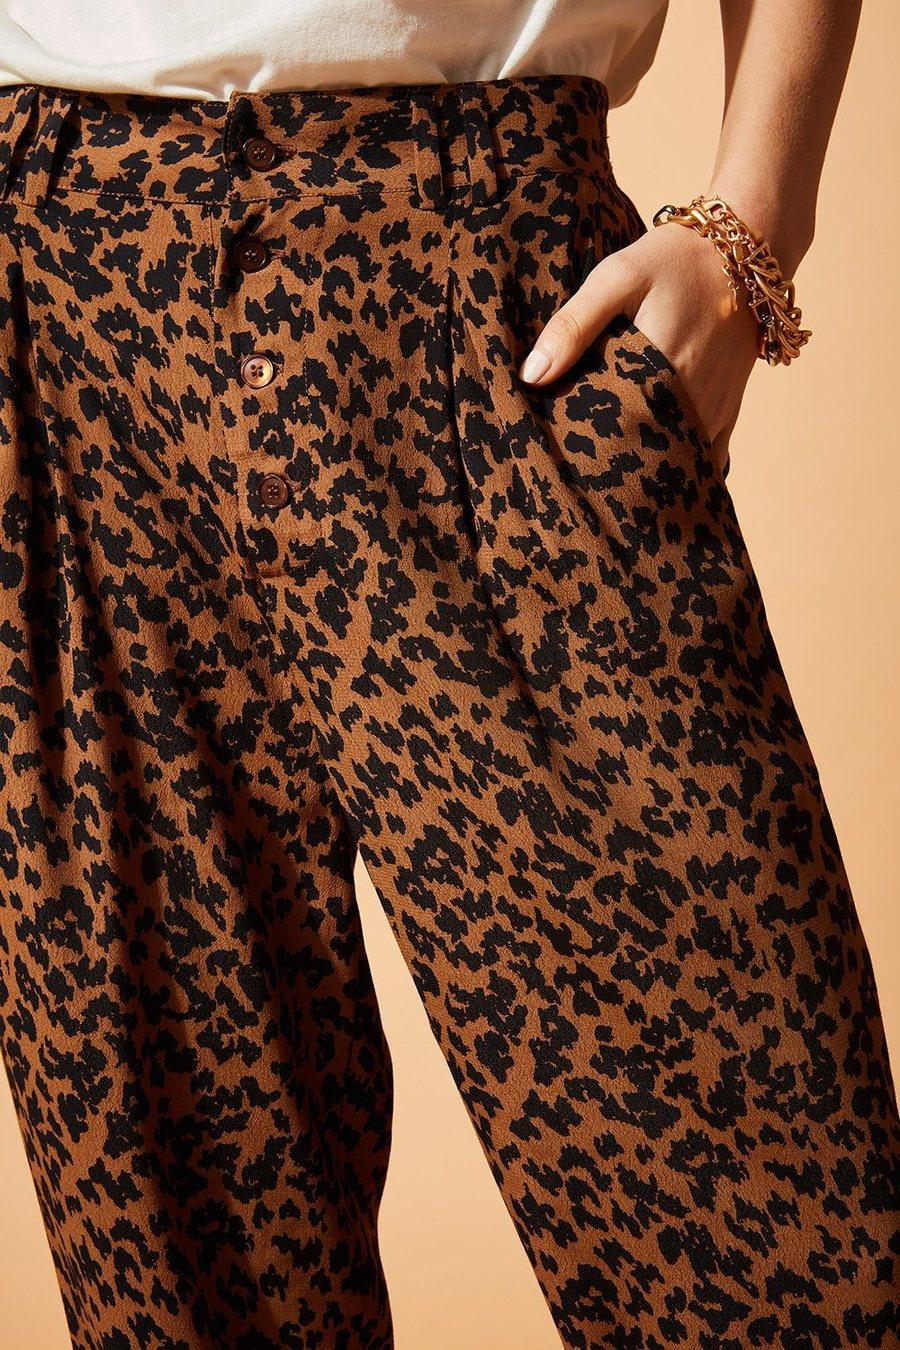 pantalon-droit-lella-pantalon-stella-forest-noir-34-fr-344796_900x